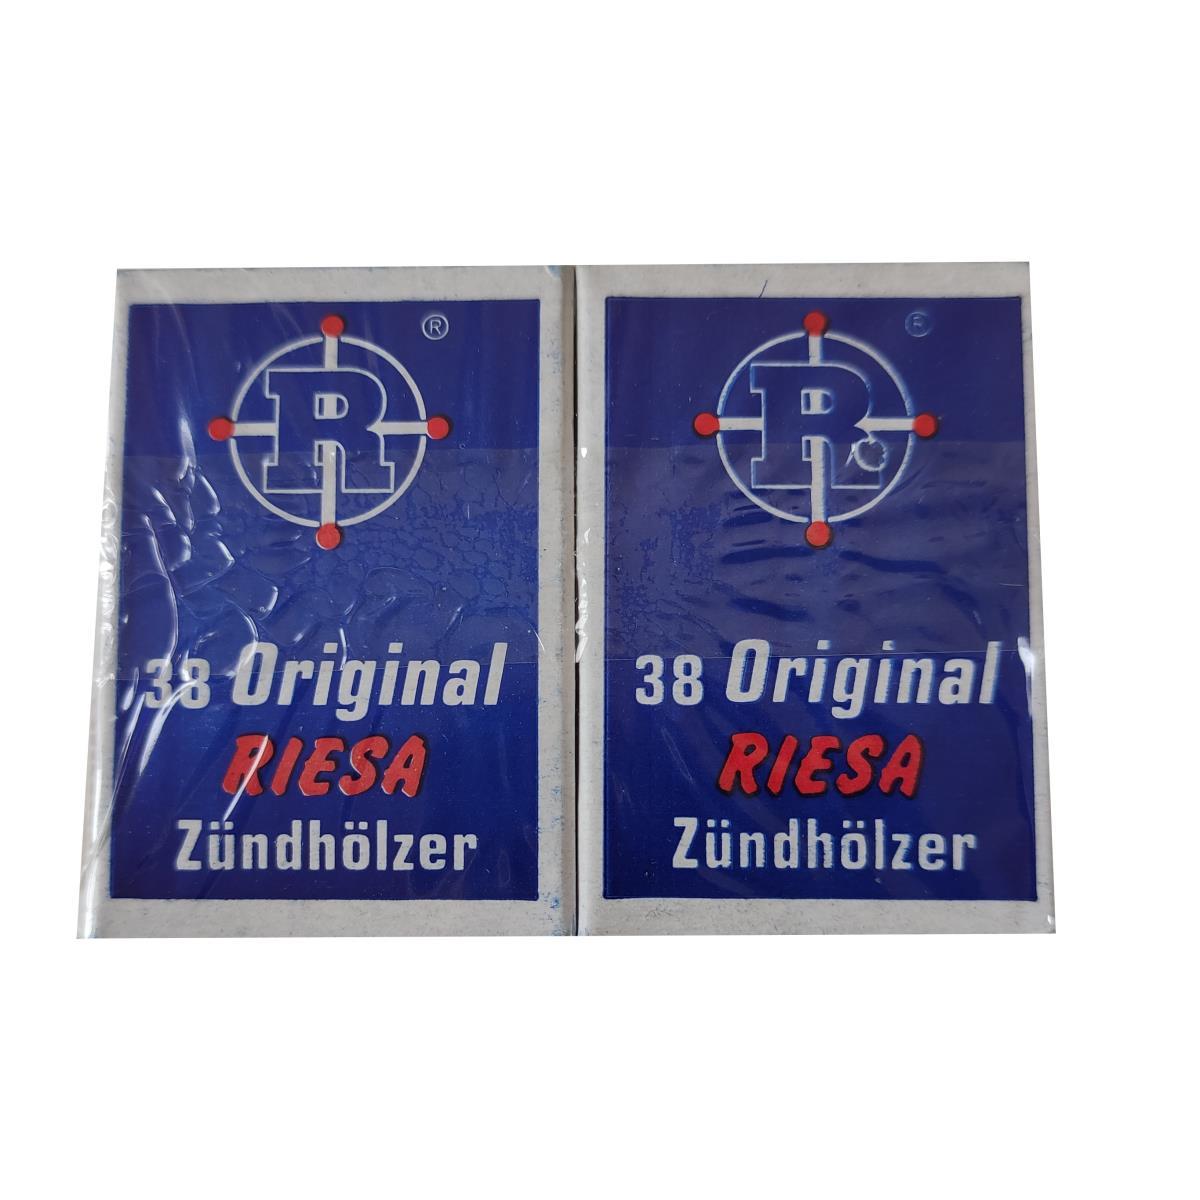 50 Schachteln Streichhölzer, Zündhölzer, Zündholzschachtel,KM Zündholz International,0000082, 0685293813829